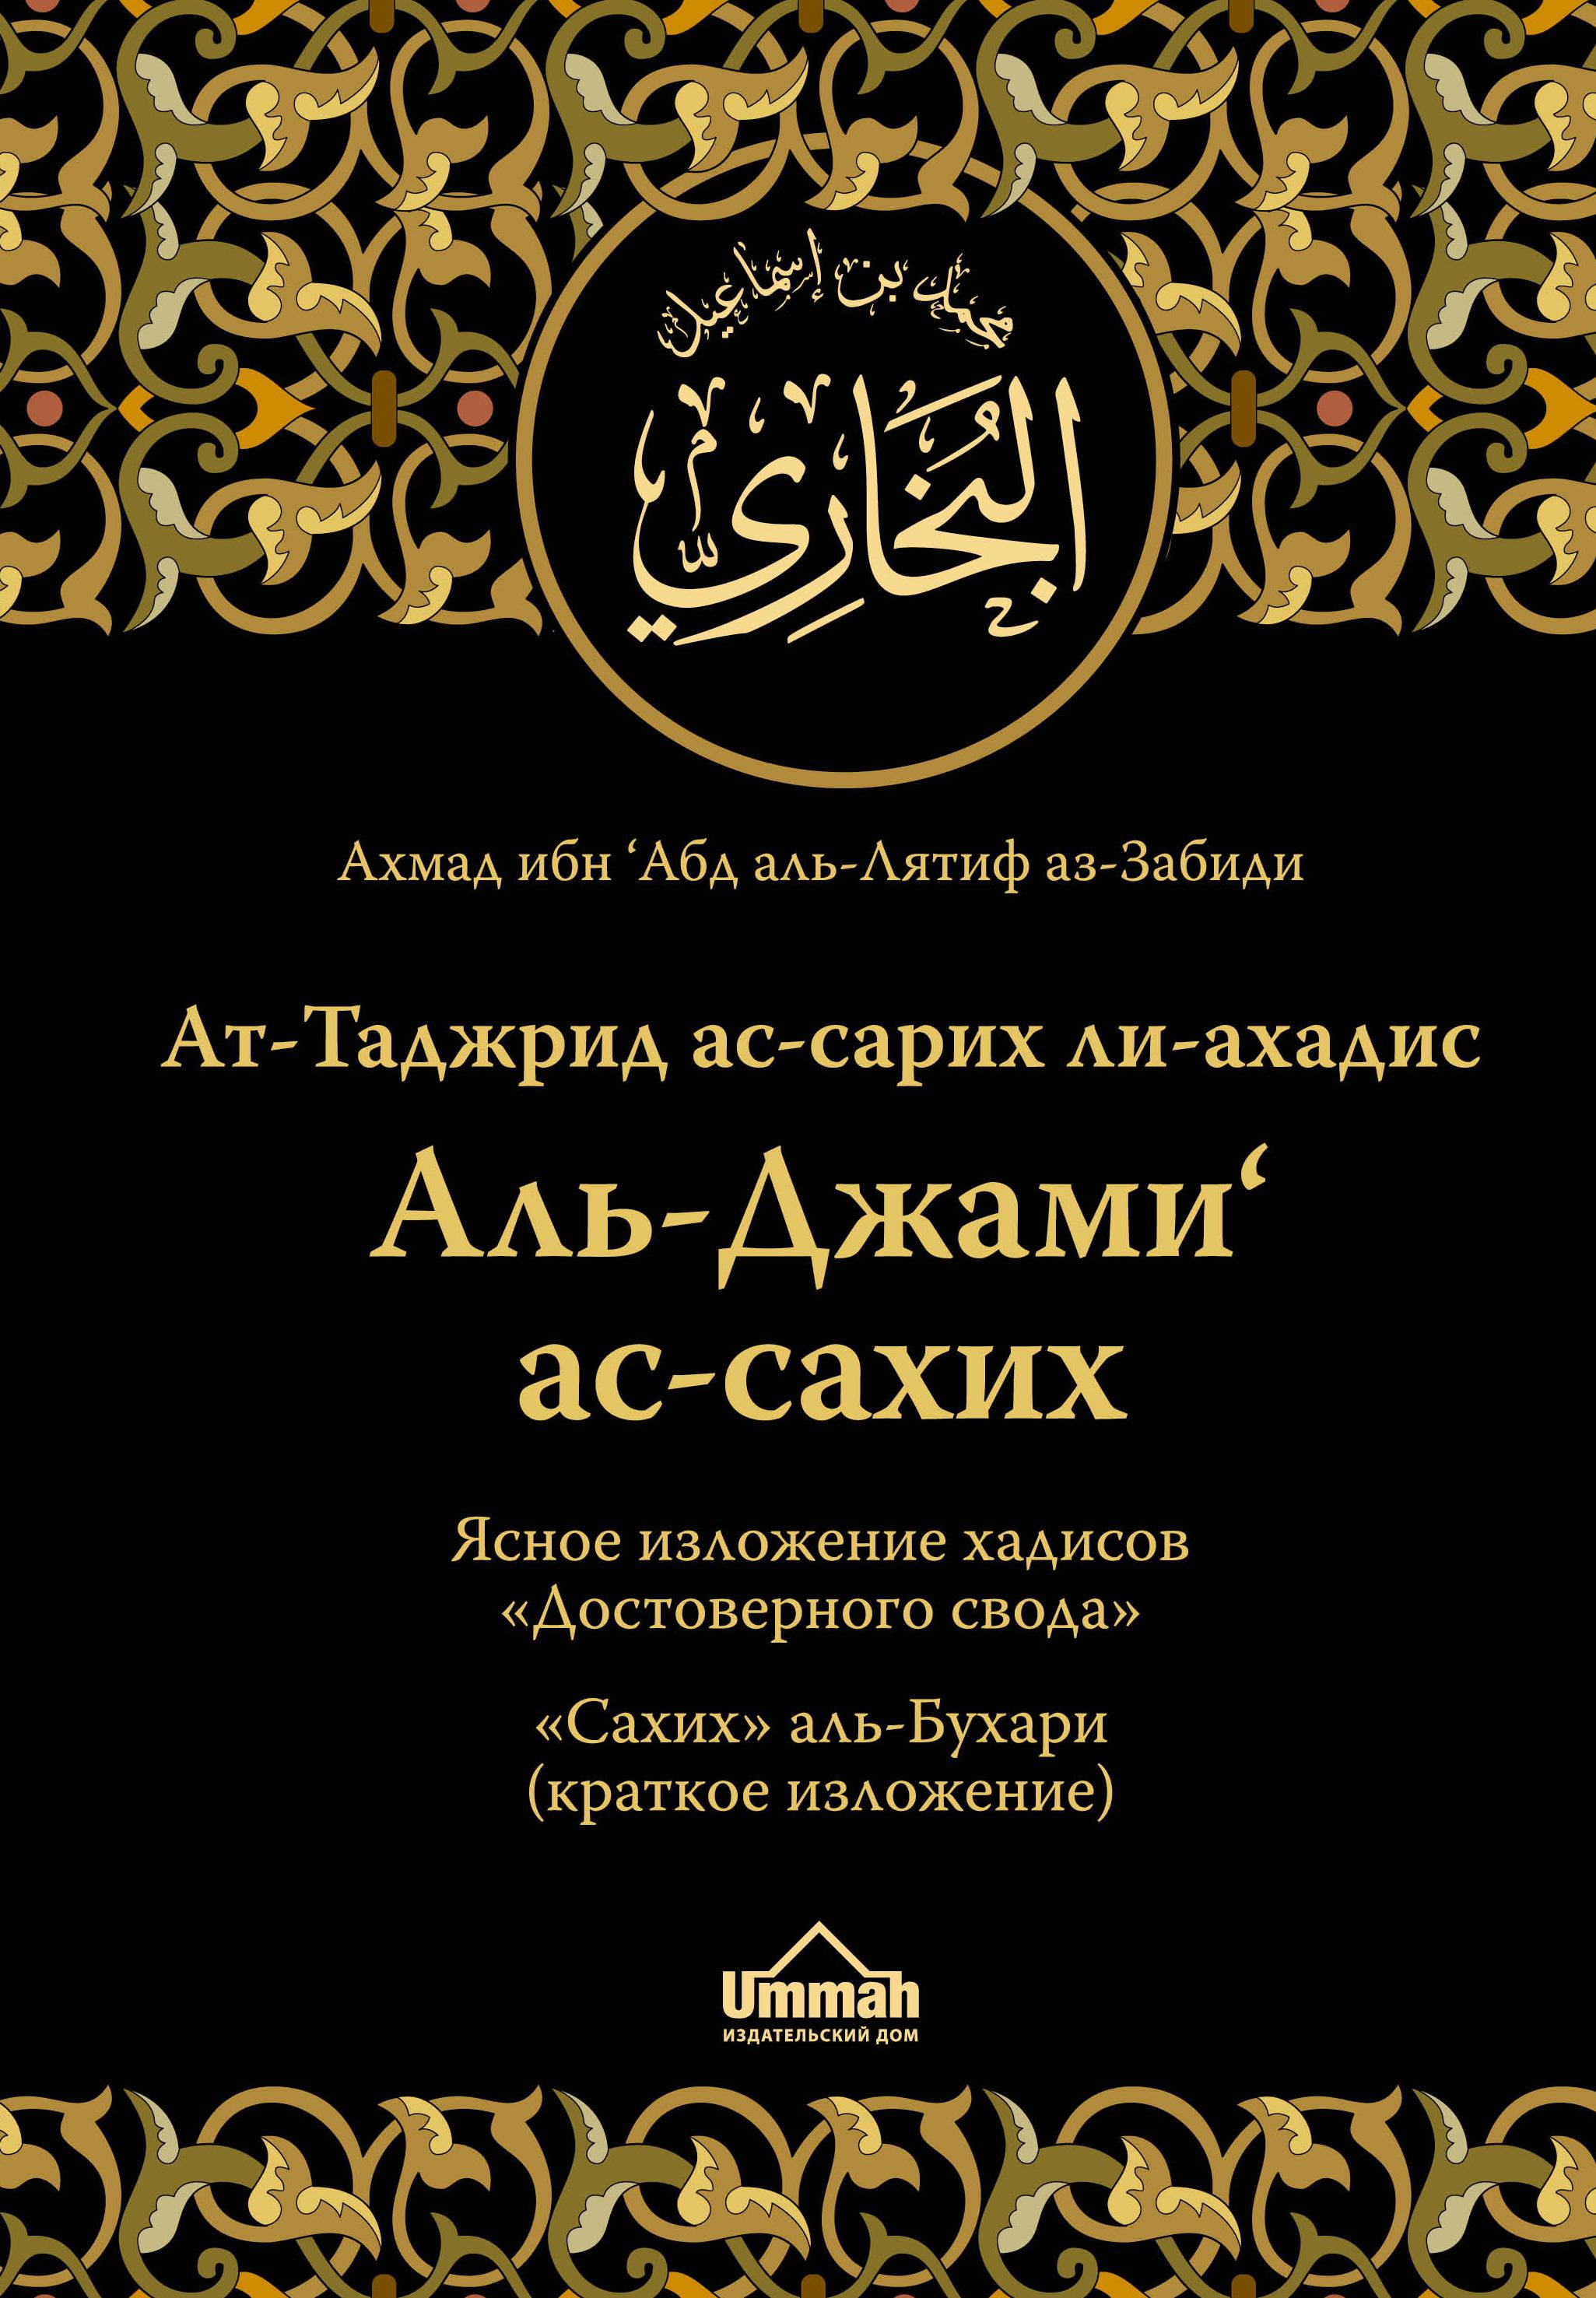 Аз-Забиди Ахмад ибн Абд аль-Лятиф Ясное изложение хадисов Достоверного свода. Сахих аль-Бухари ахмад ибн 'абд аль лятиф аз забиди ясное изложение хадисов достоверного свода сахих аль бухари краткое изложение